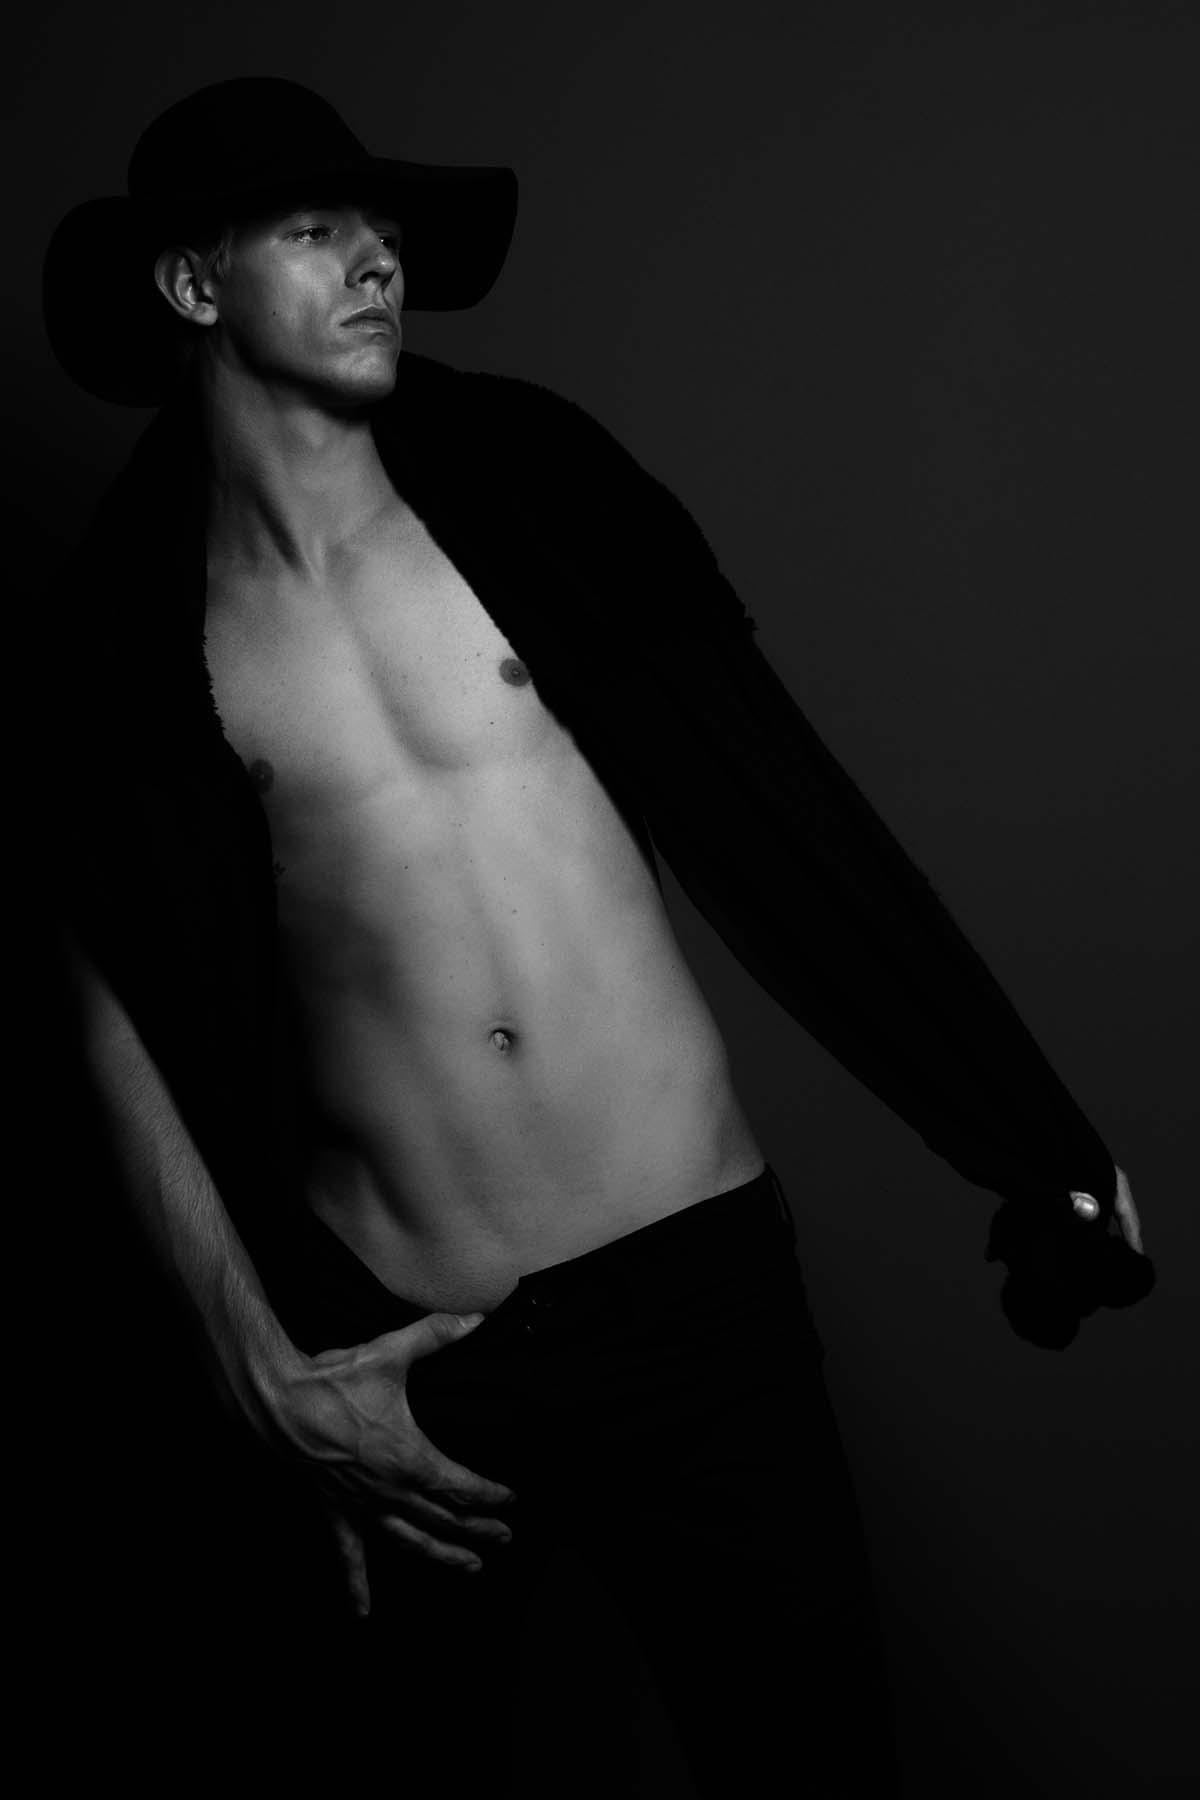 Richard Wagner by Carla Reichert for Brazilian Male Model